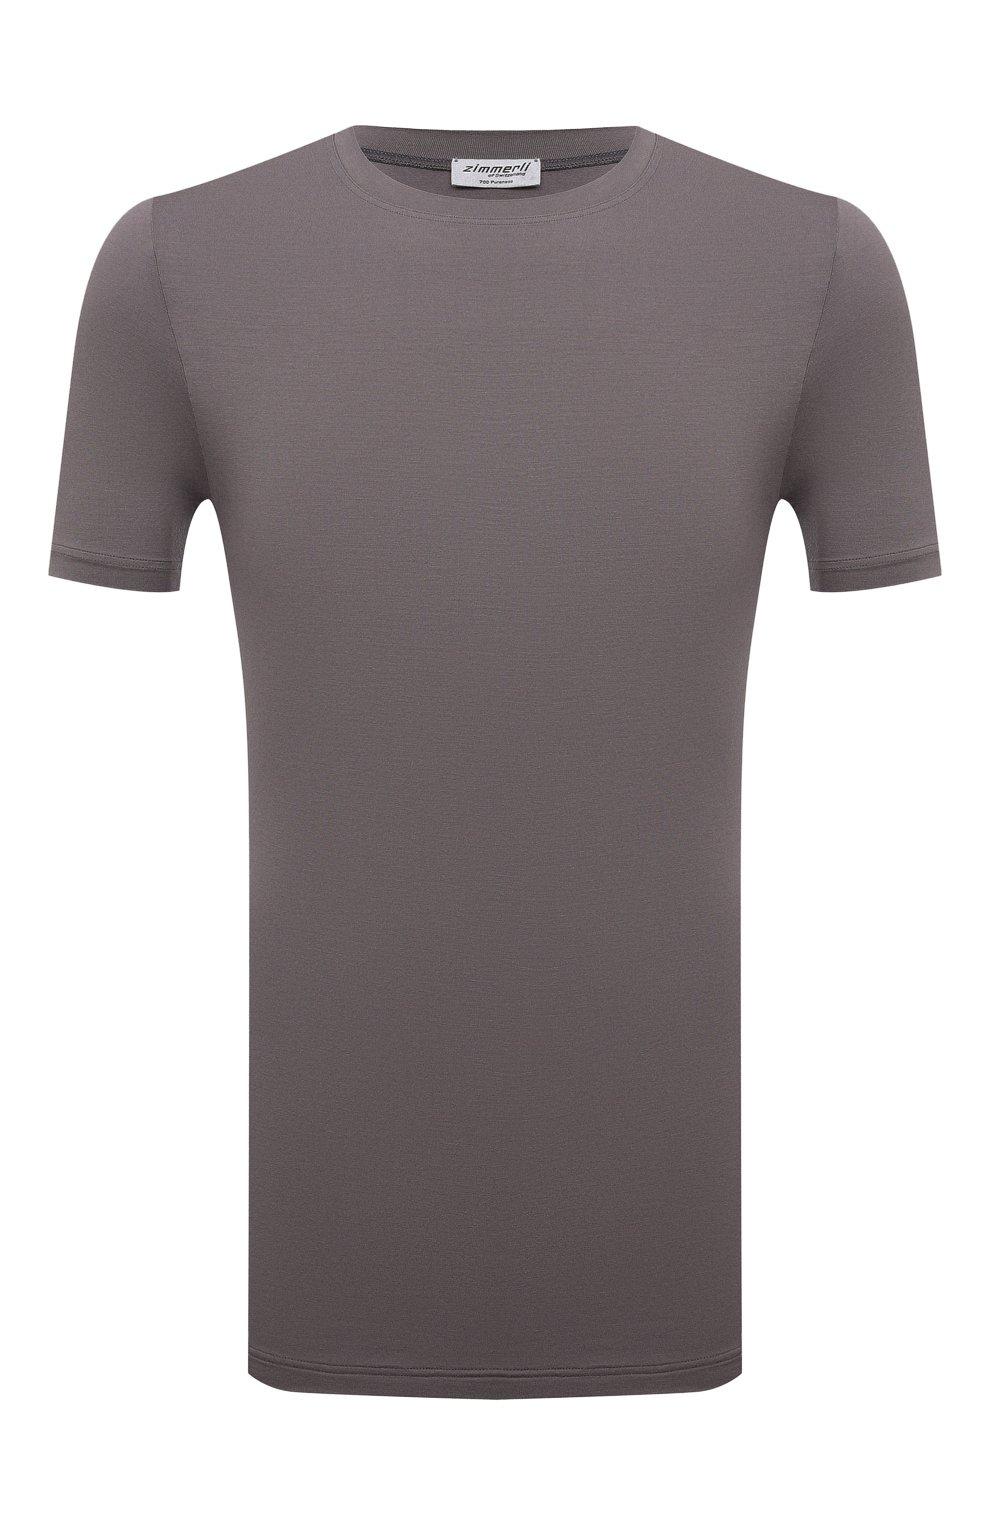 Мужская футболка ZIMMERLI светло-серого цвета, арт. 700-1341   Фото 1 (Кросс-КТ: домашняя одежда; Рукава: Короткие; Материал внешний: Синтетический материал; Длина (для топов): Стандартные)